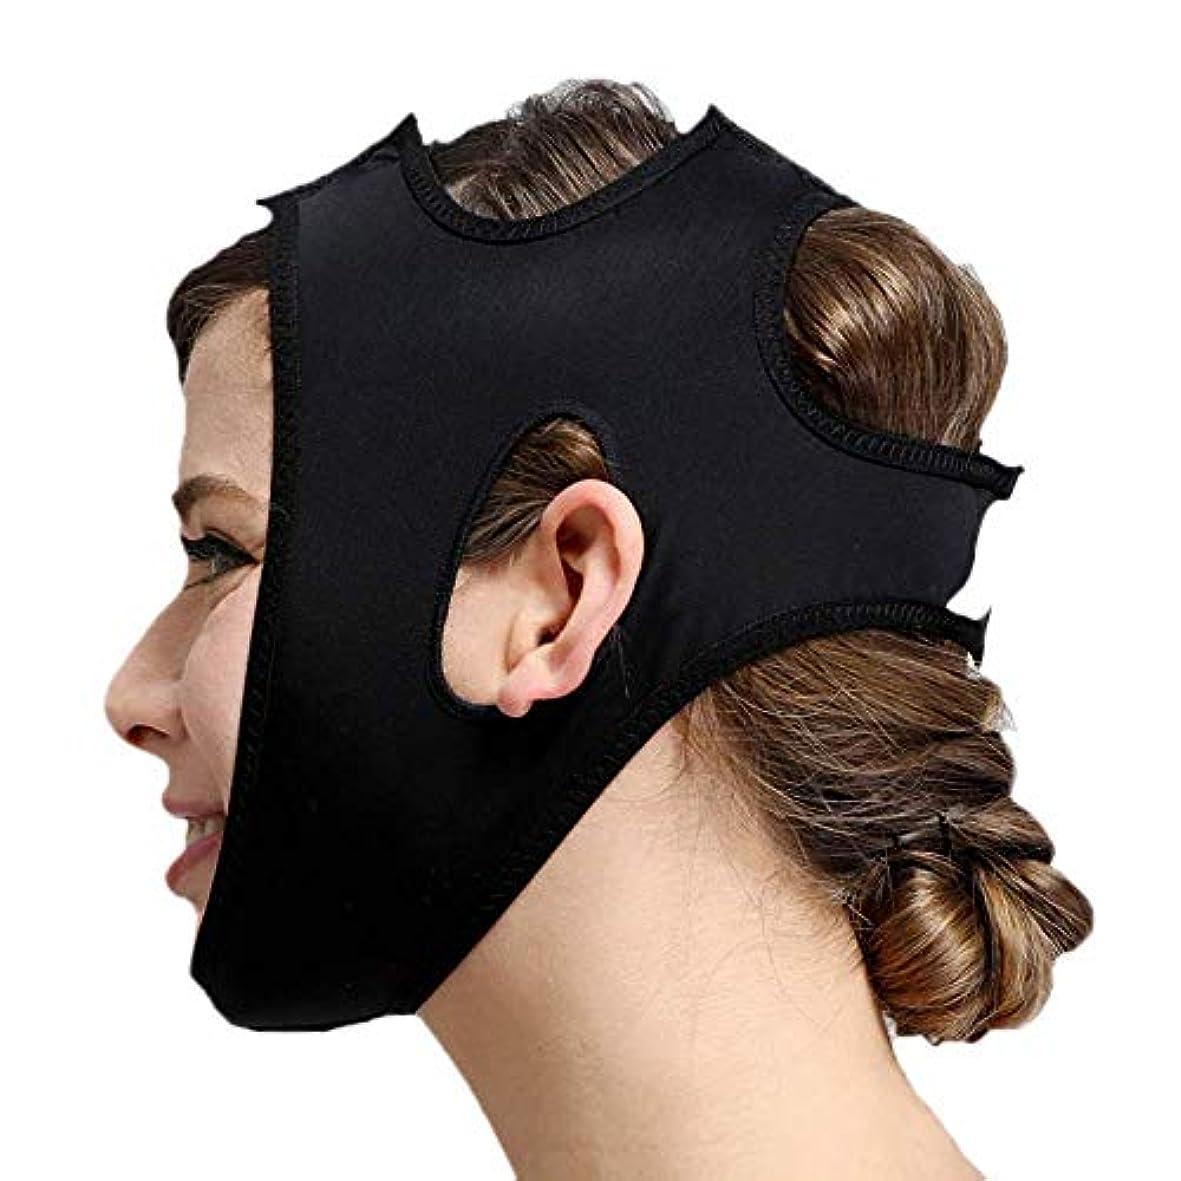 排他的アトミックオールフェイススリミングマスク、快適さと通気性、フェイシャルリフティング、輪郭の改善された硬さ、ファーミングとリフティングフェイス(カラー:ブラック、サイズ:XL),黒、XXL